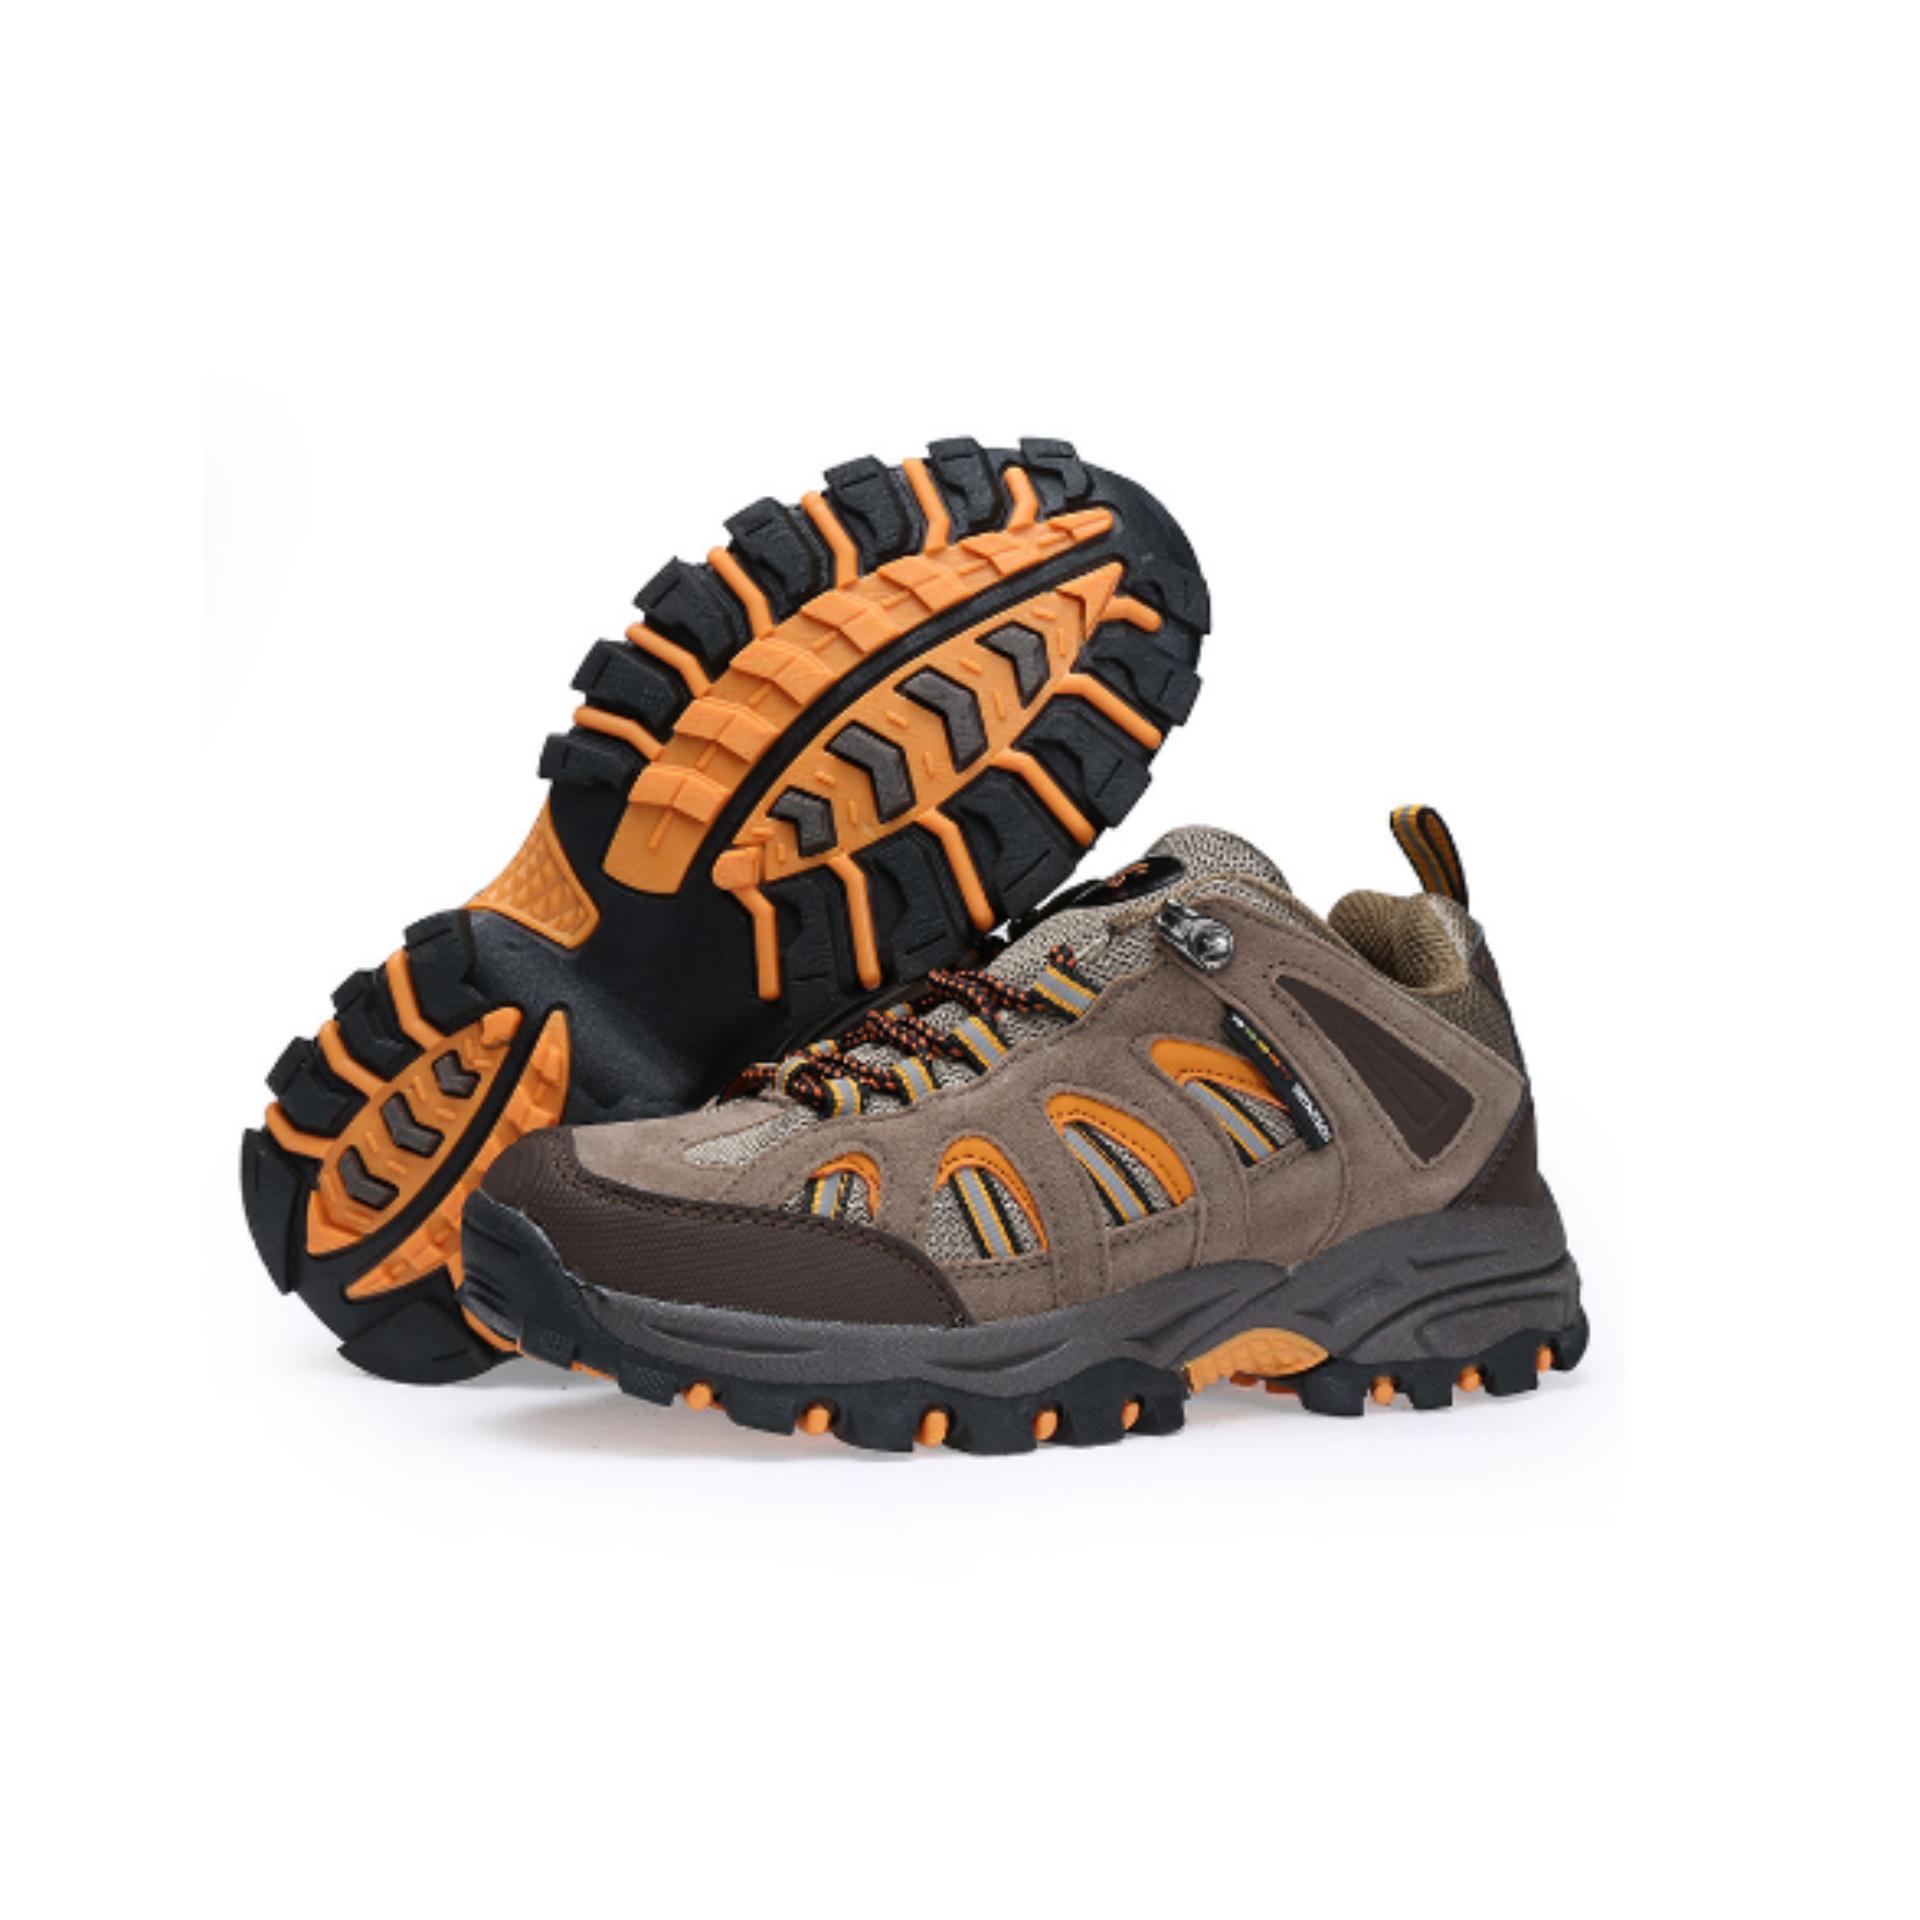 Snta Sepatu Hiking Wanita Sepatu Outdoor 602 01 Series Cokelat ... 557c29e2aa